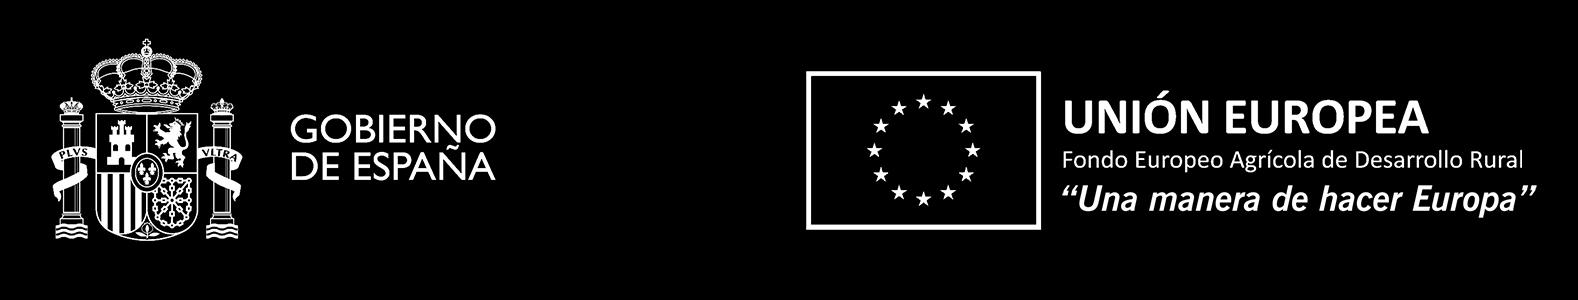 Logo del Gobierno de España y de la Unión Europea